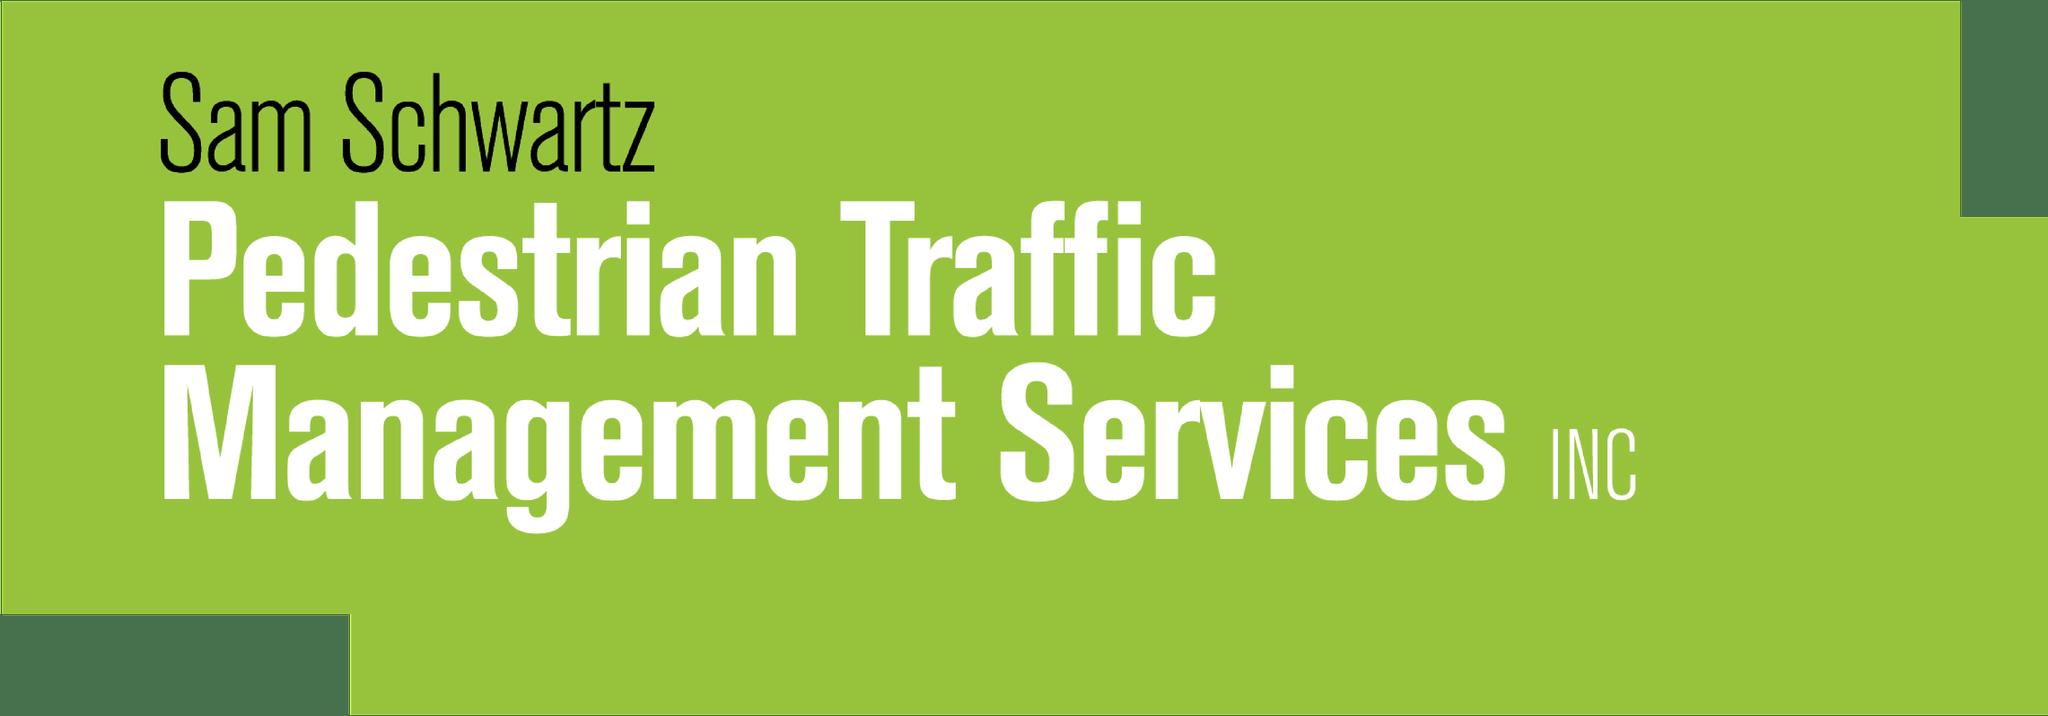 Sam Schwartz Pedestrian Traffic Management Services, Inc